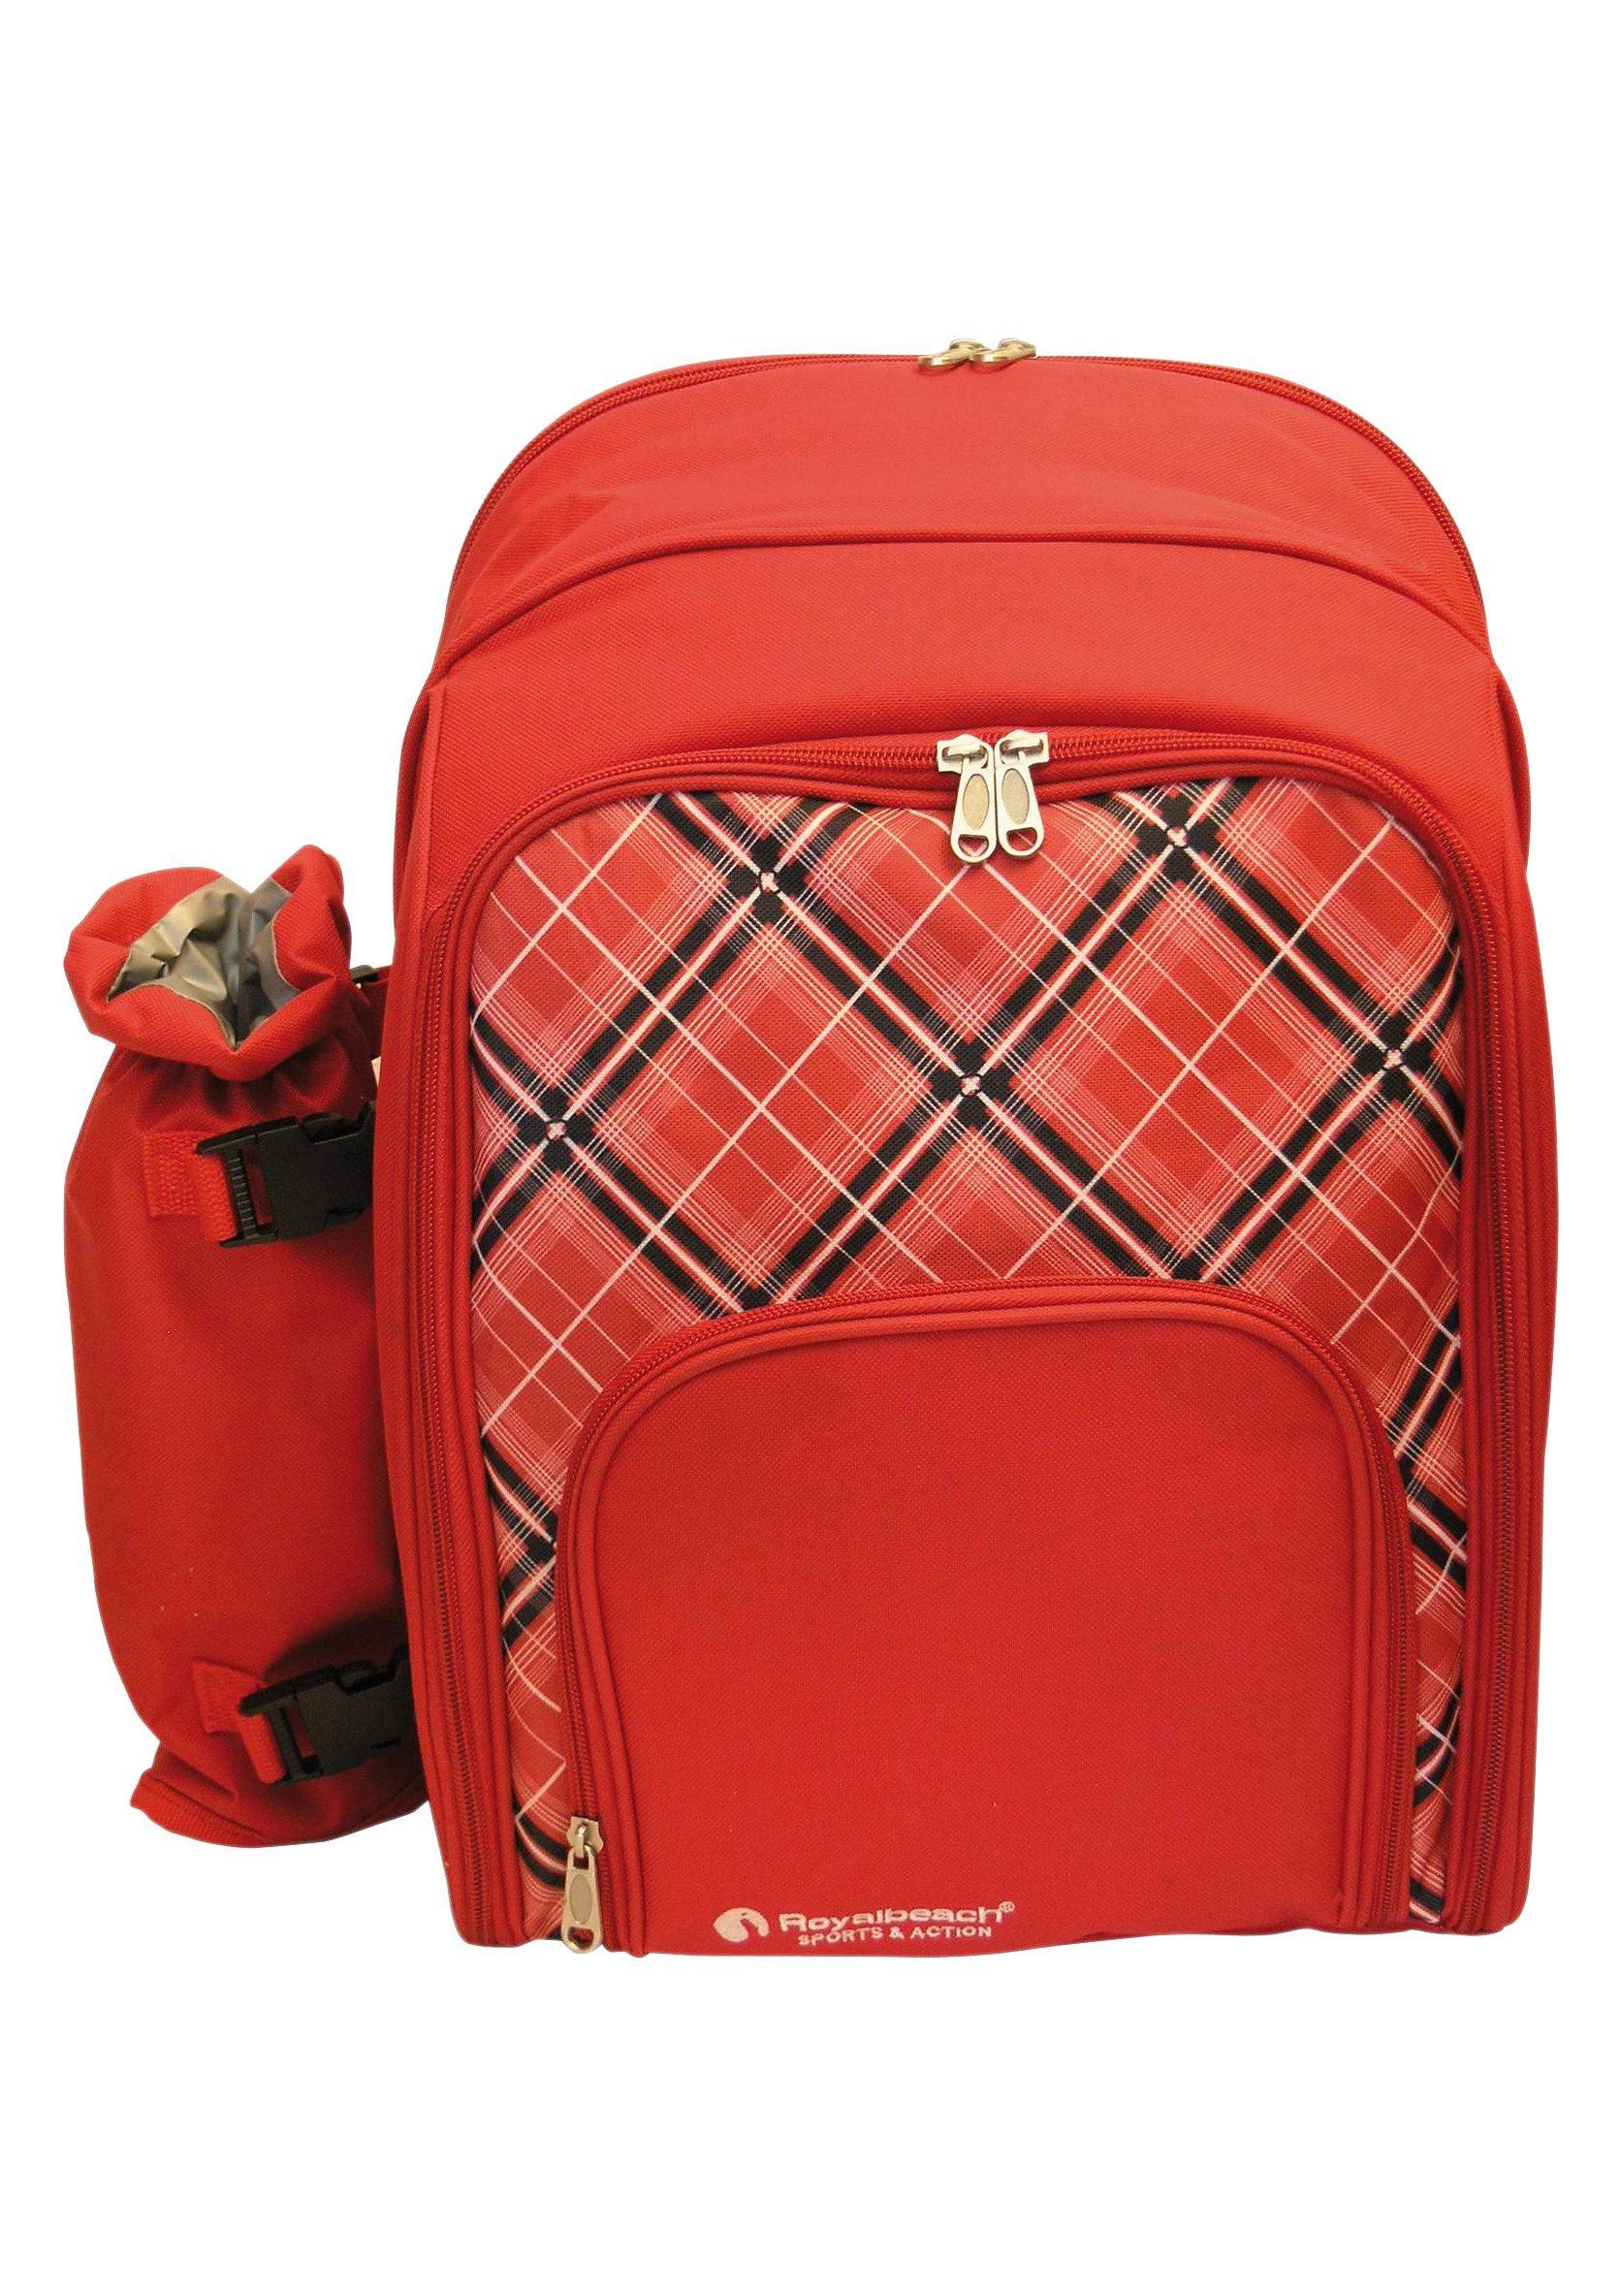 Royalbeach® Rucksack mit Flaschenhalter und Ausstattung für 4 Personen, »Picknick Rucksack«